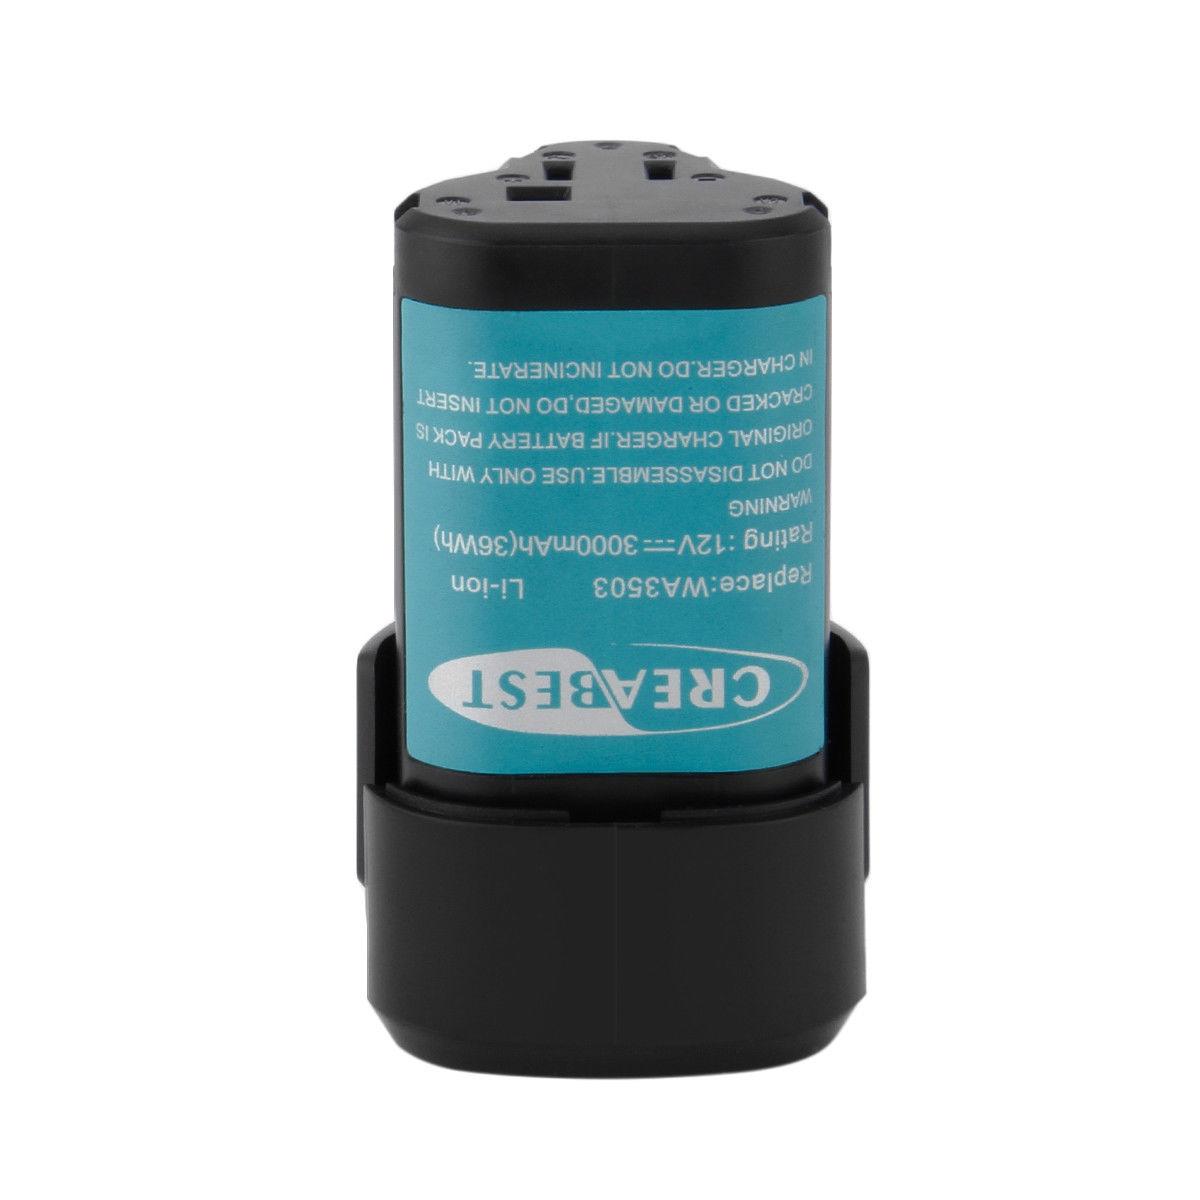 WA3503 WA3509 RW9300 WORX WX382 WX540 Rockwell RK2510K 12V compatibele Accu